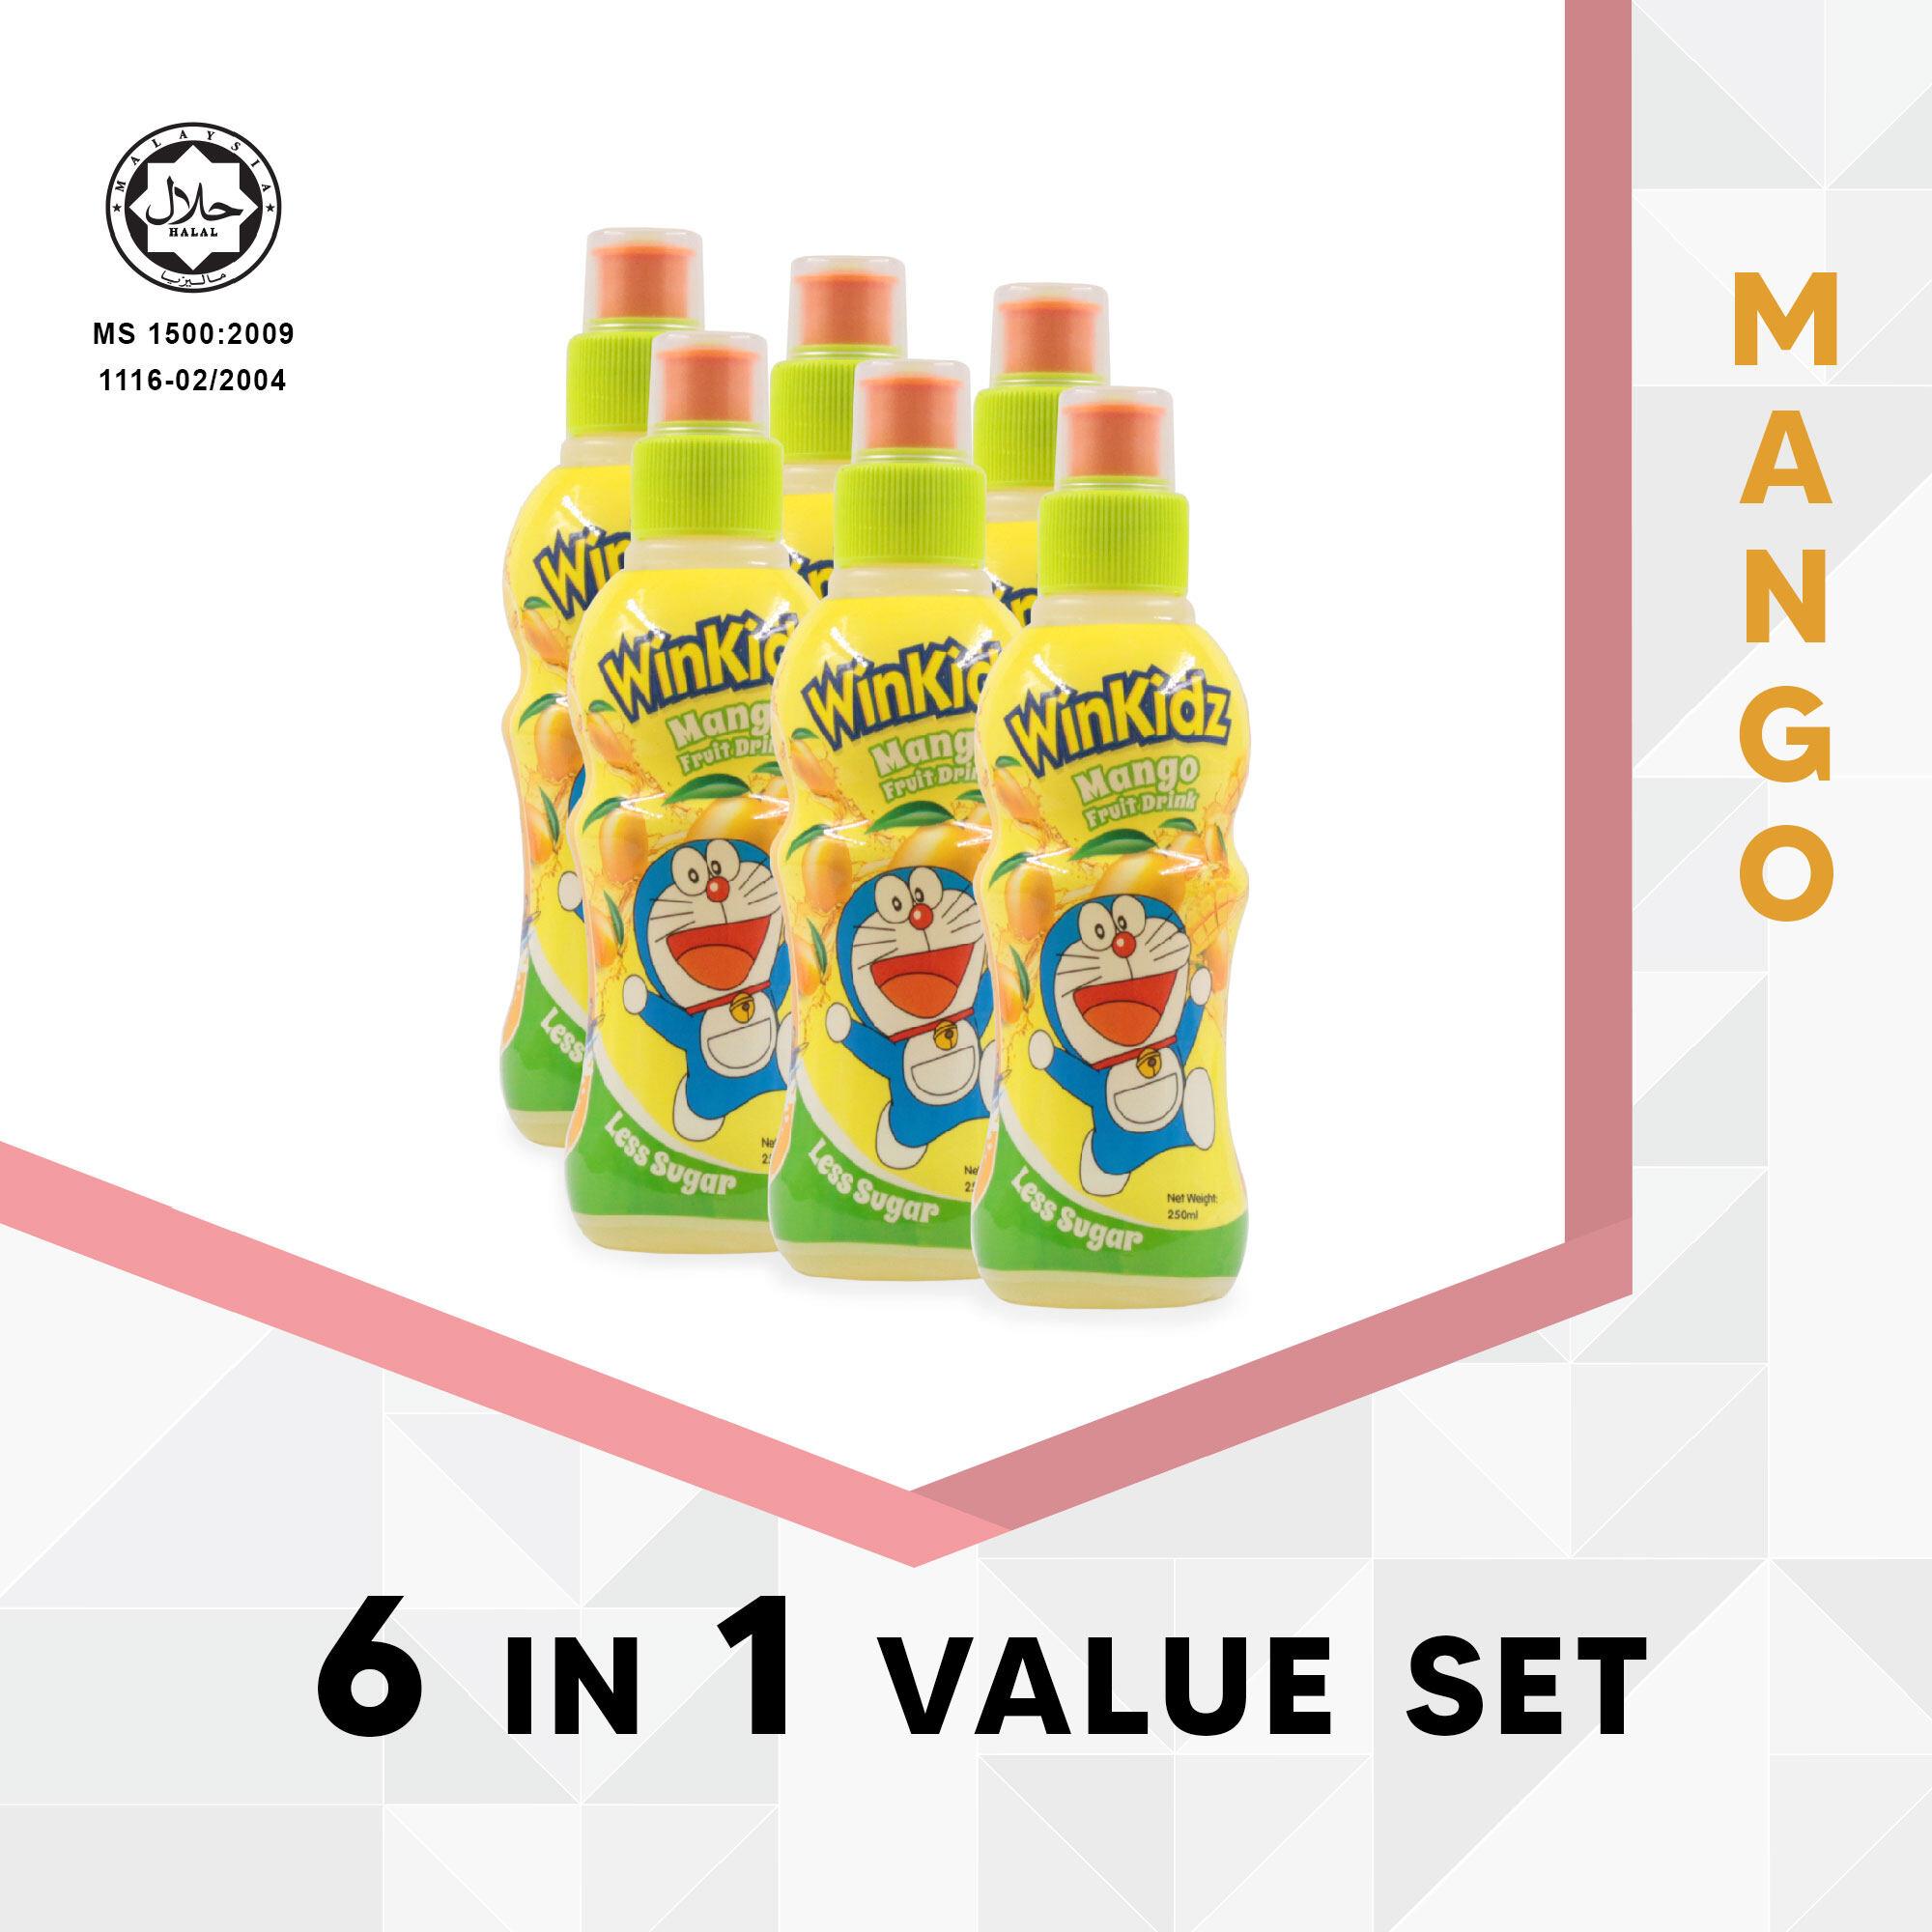 Doraemon Winkidz Fruit Drink 6 In 1 Value Set 250Ml X 6 - Mango